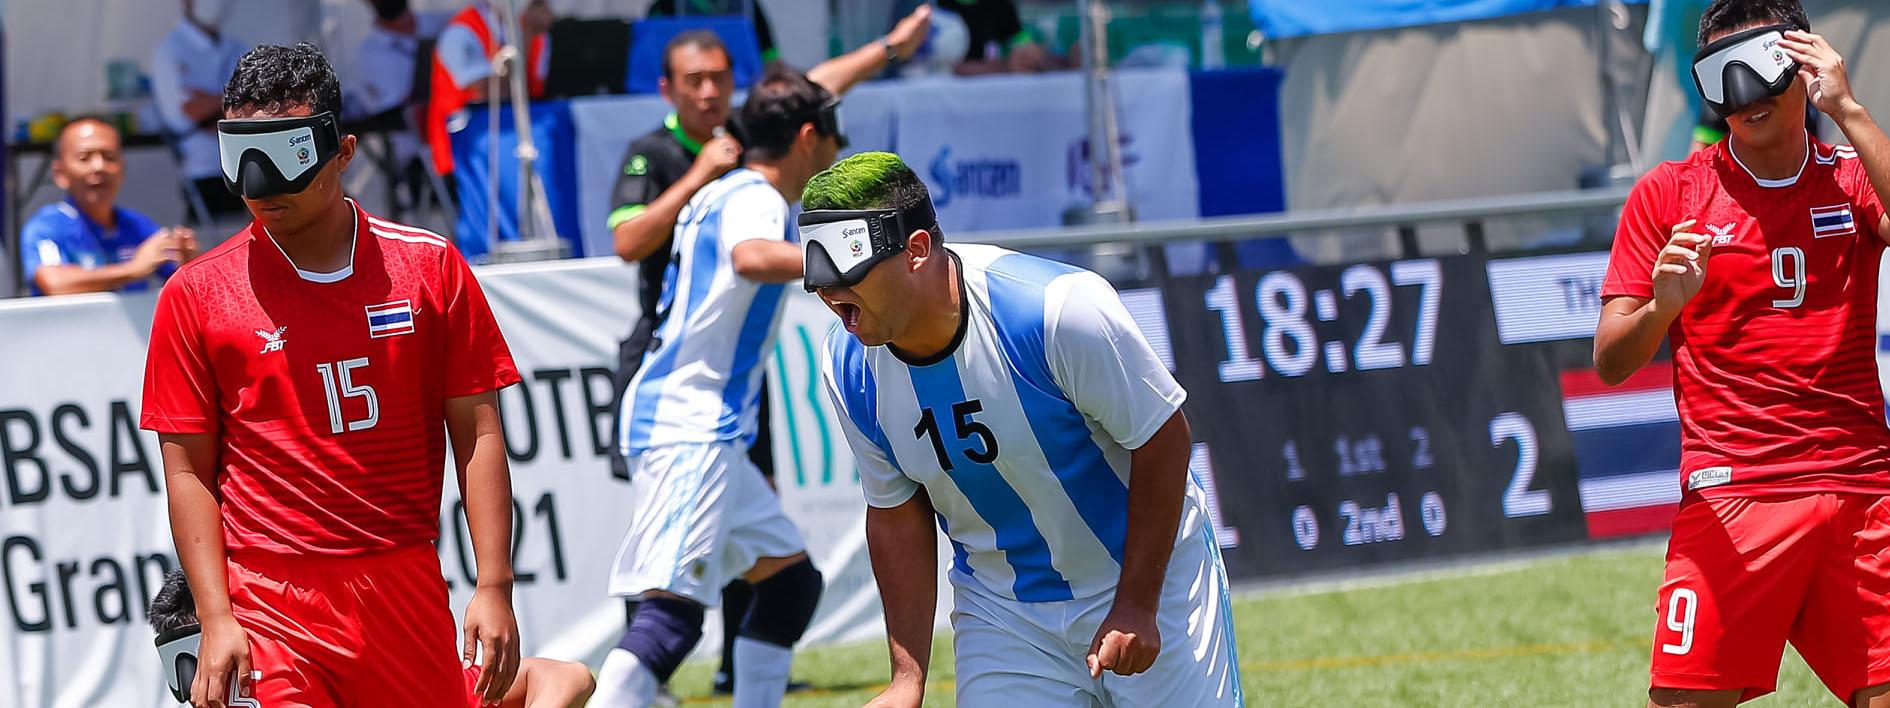 TOKIO 2021: 57 atletas argentinos llevan sus ilusiones a los Juegos Paralímpicos